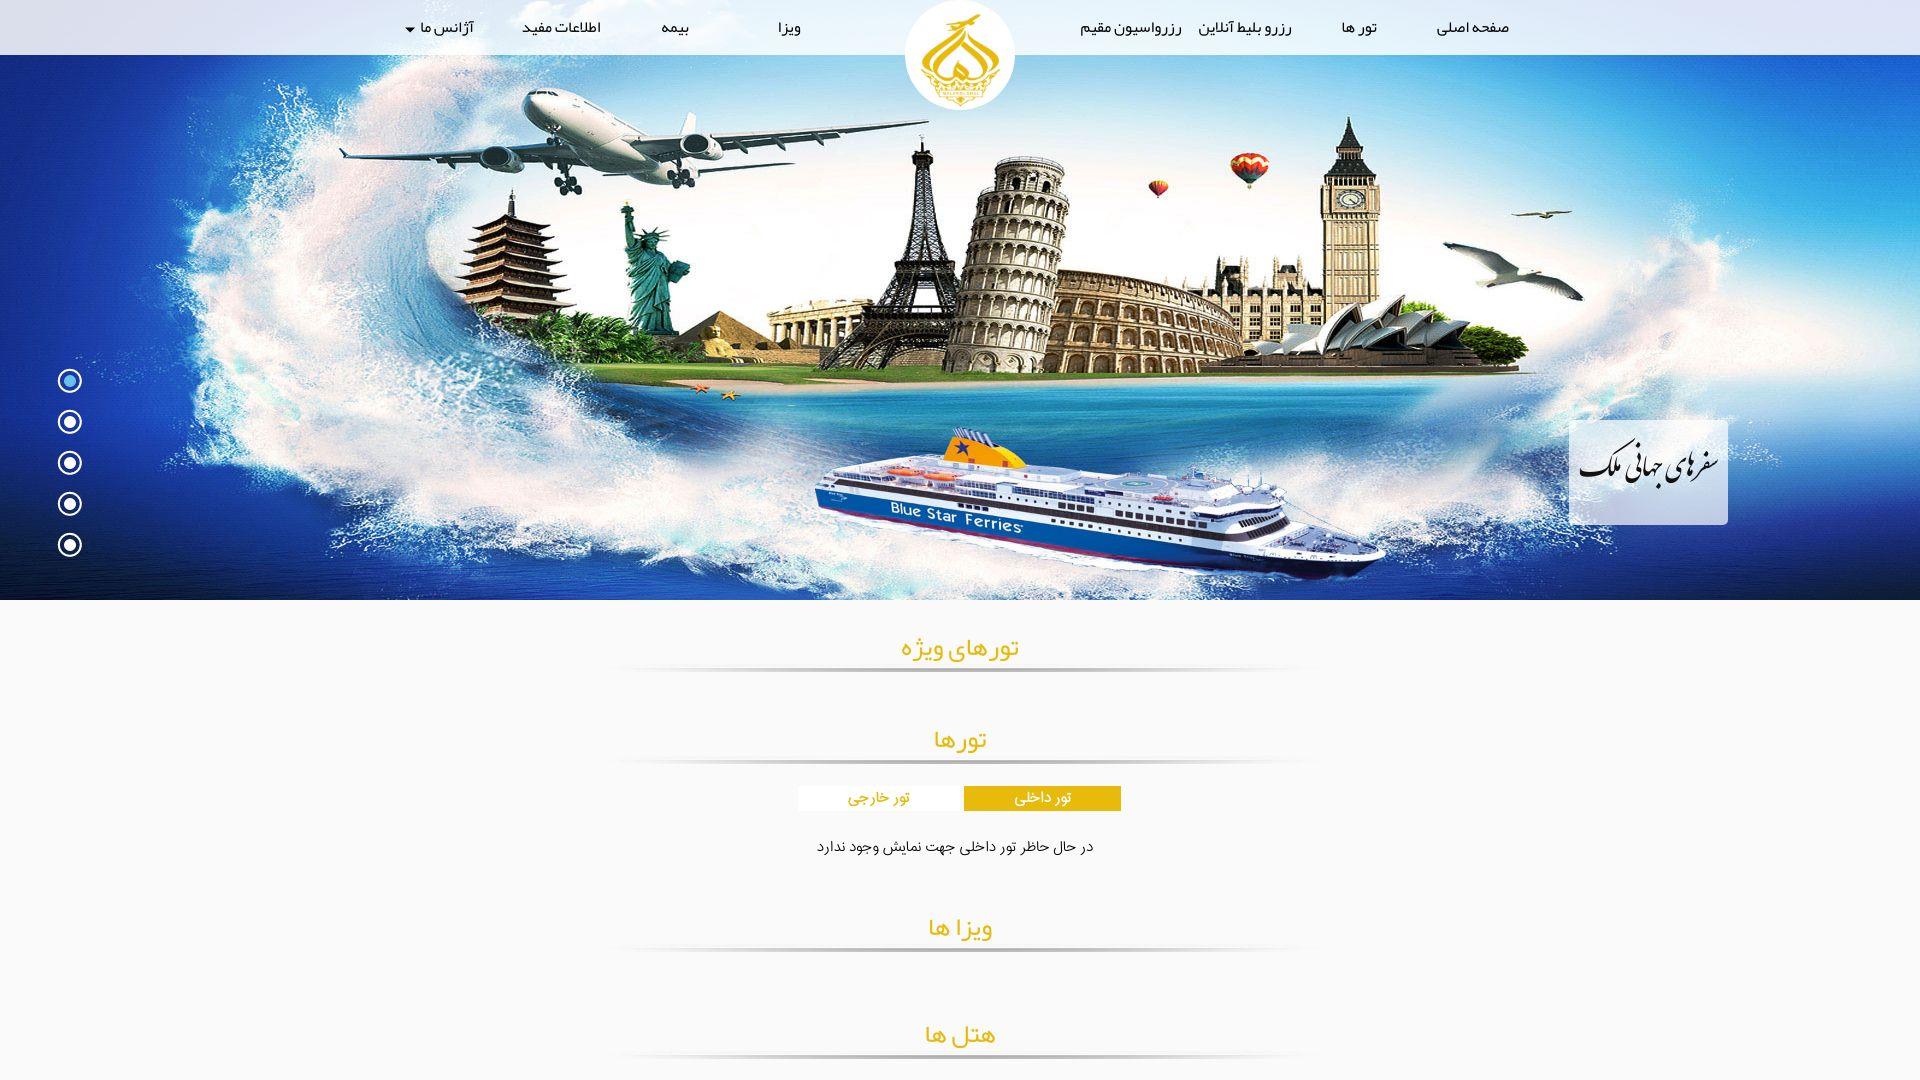 طراحی سیستم - طراحی سایت آژانس مسافرتی سفرهای جهانی ملک